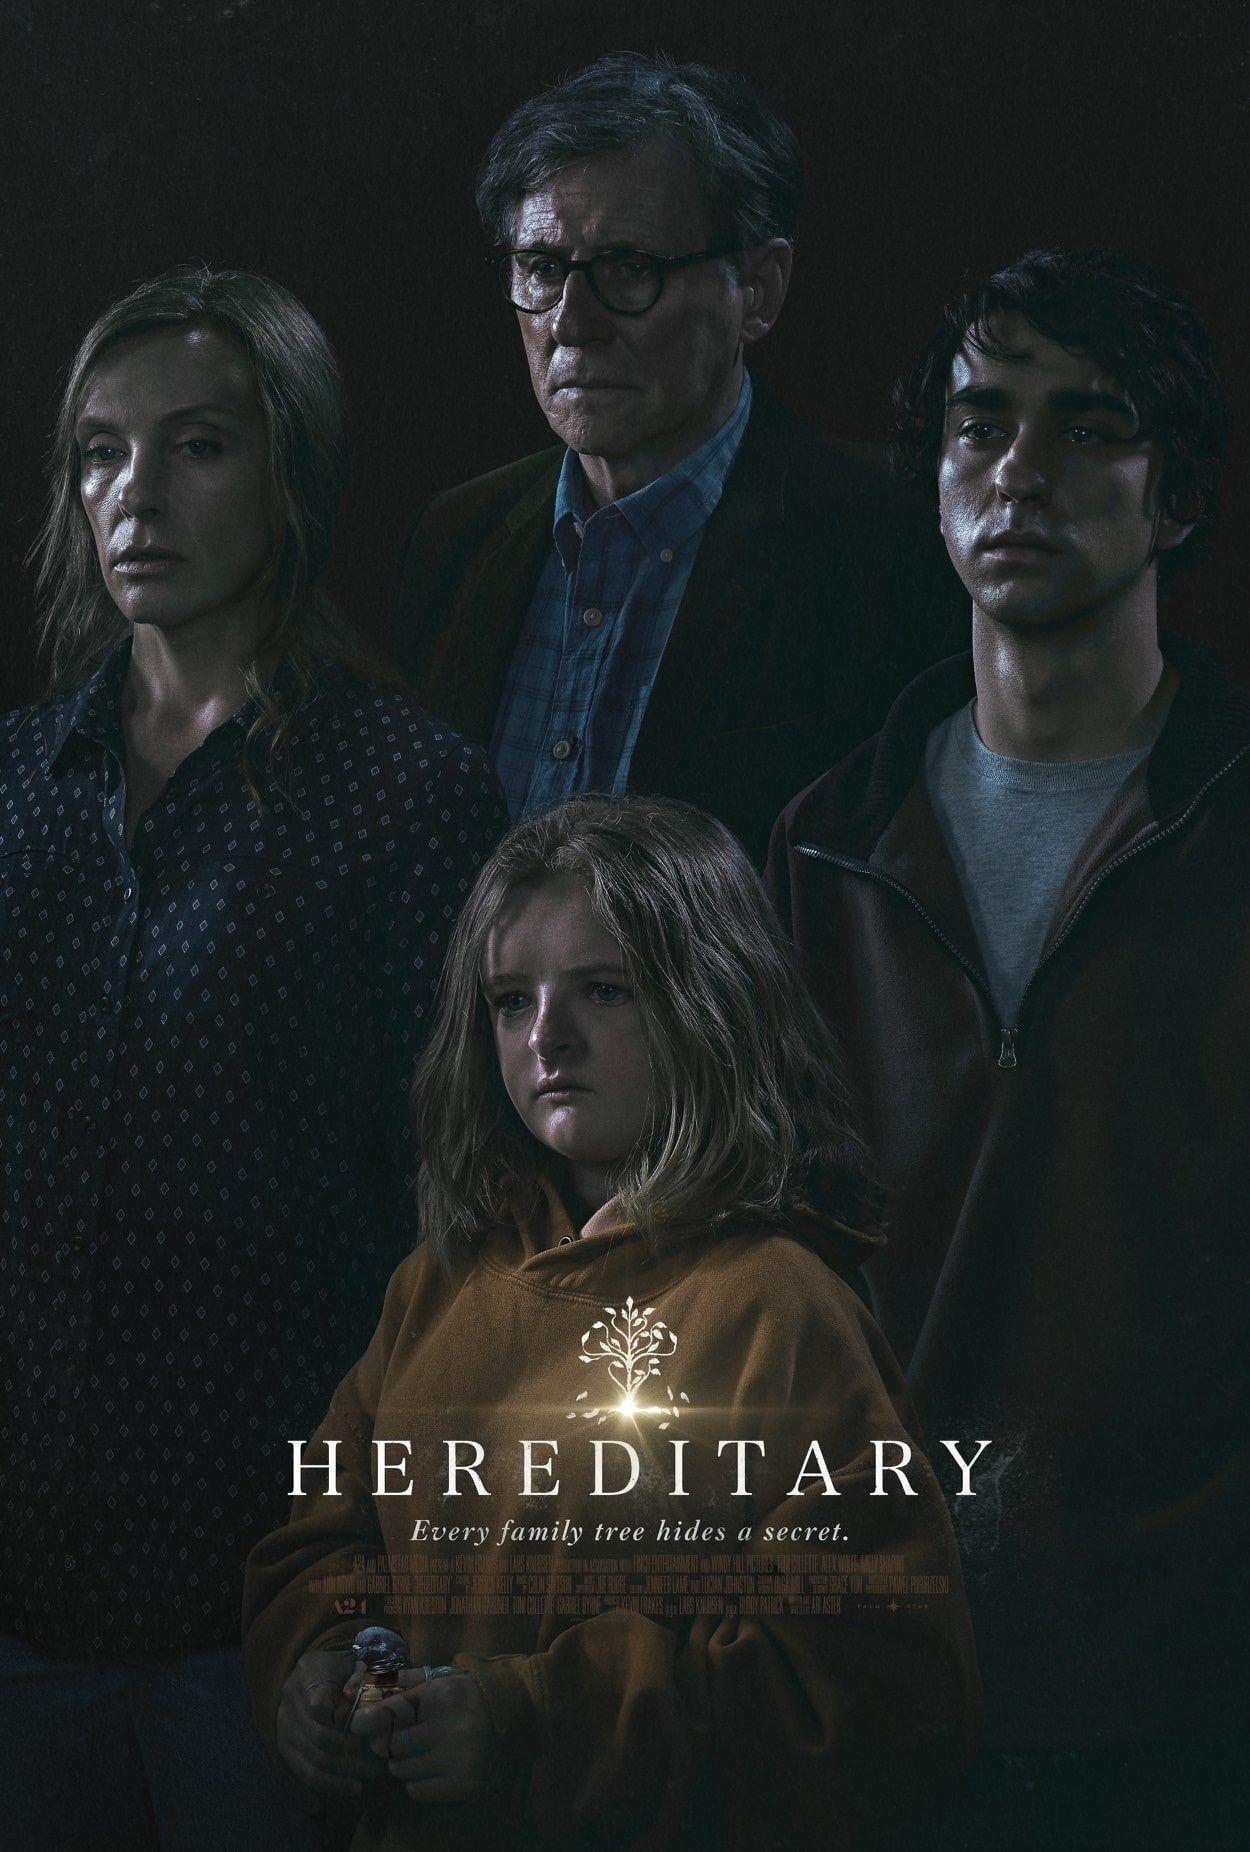 hereditary - film horor terbaik sepanjang masa